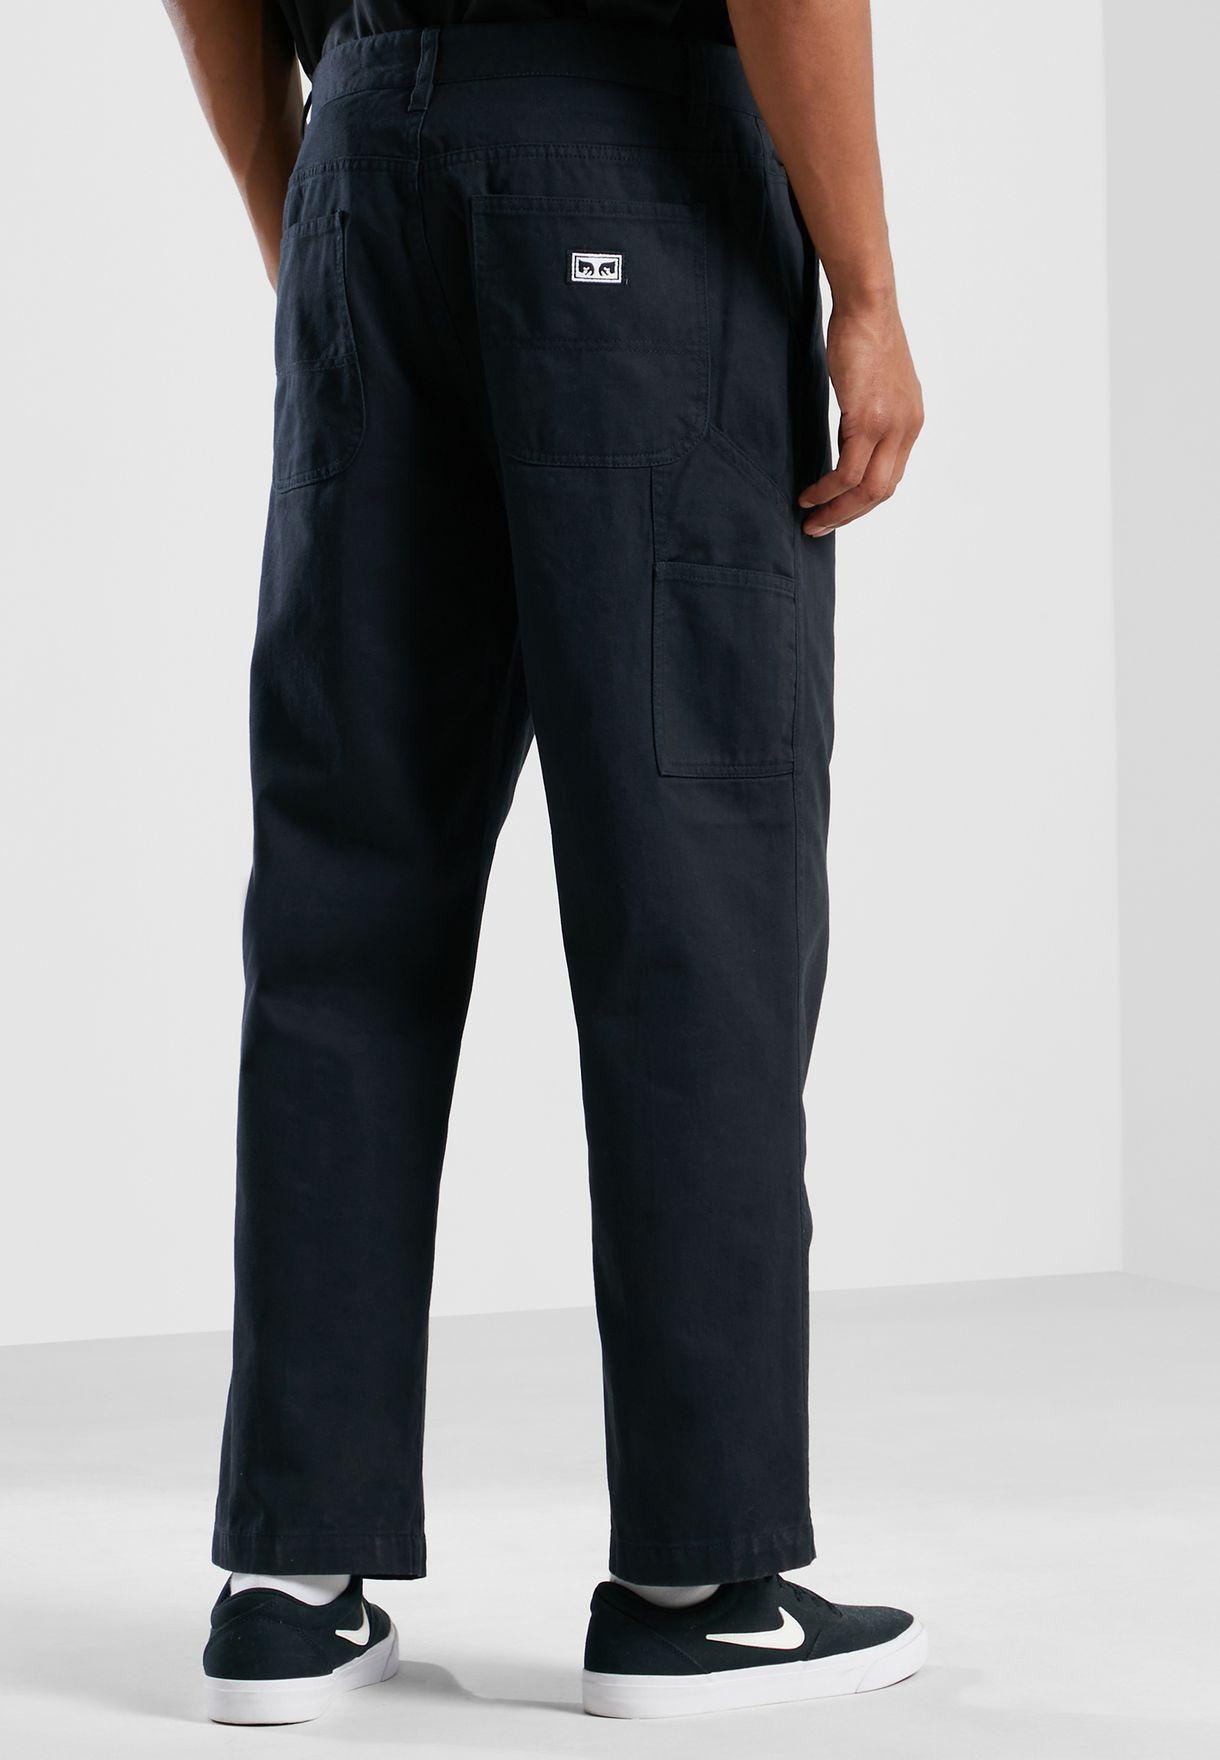 Hardwork II Pants